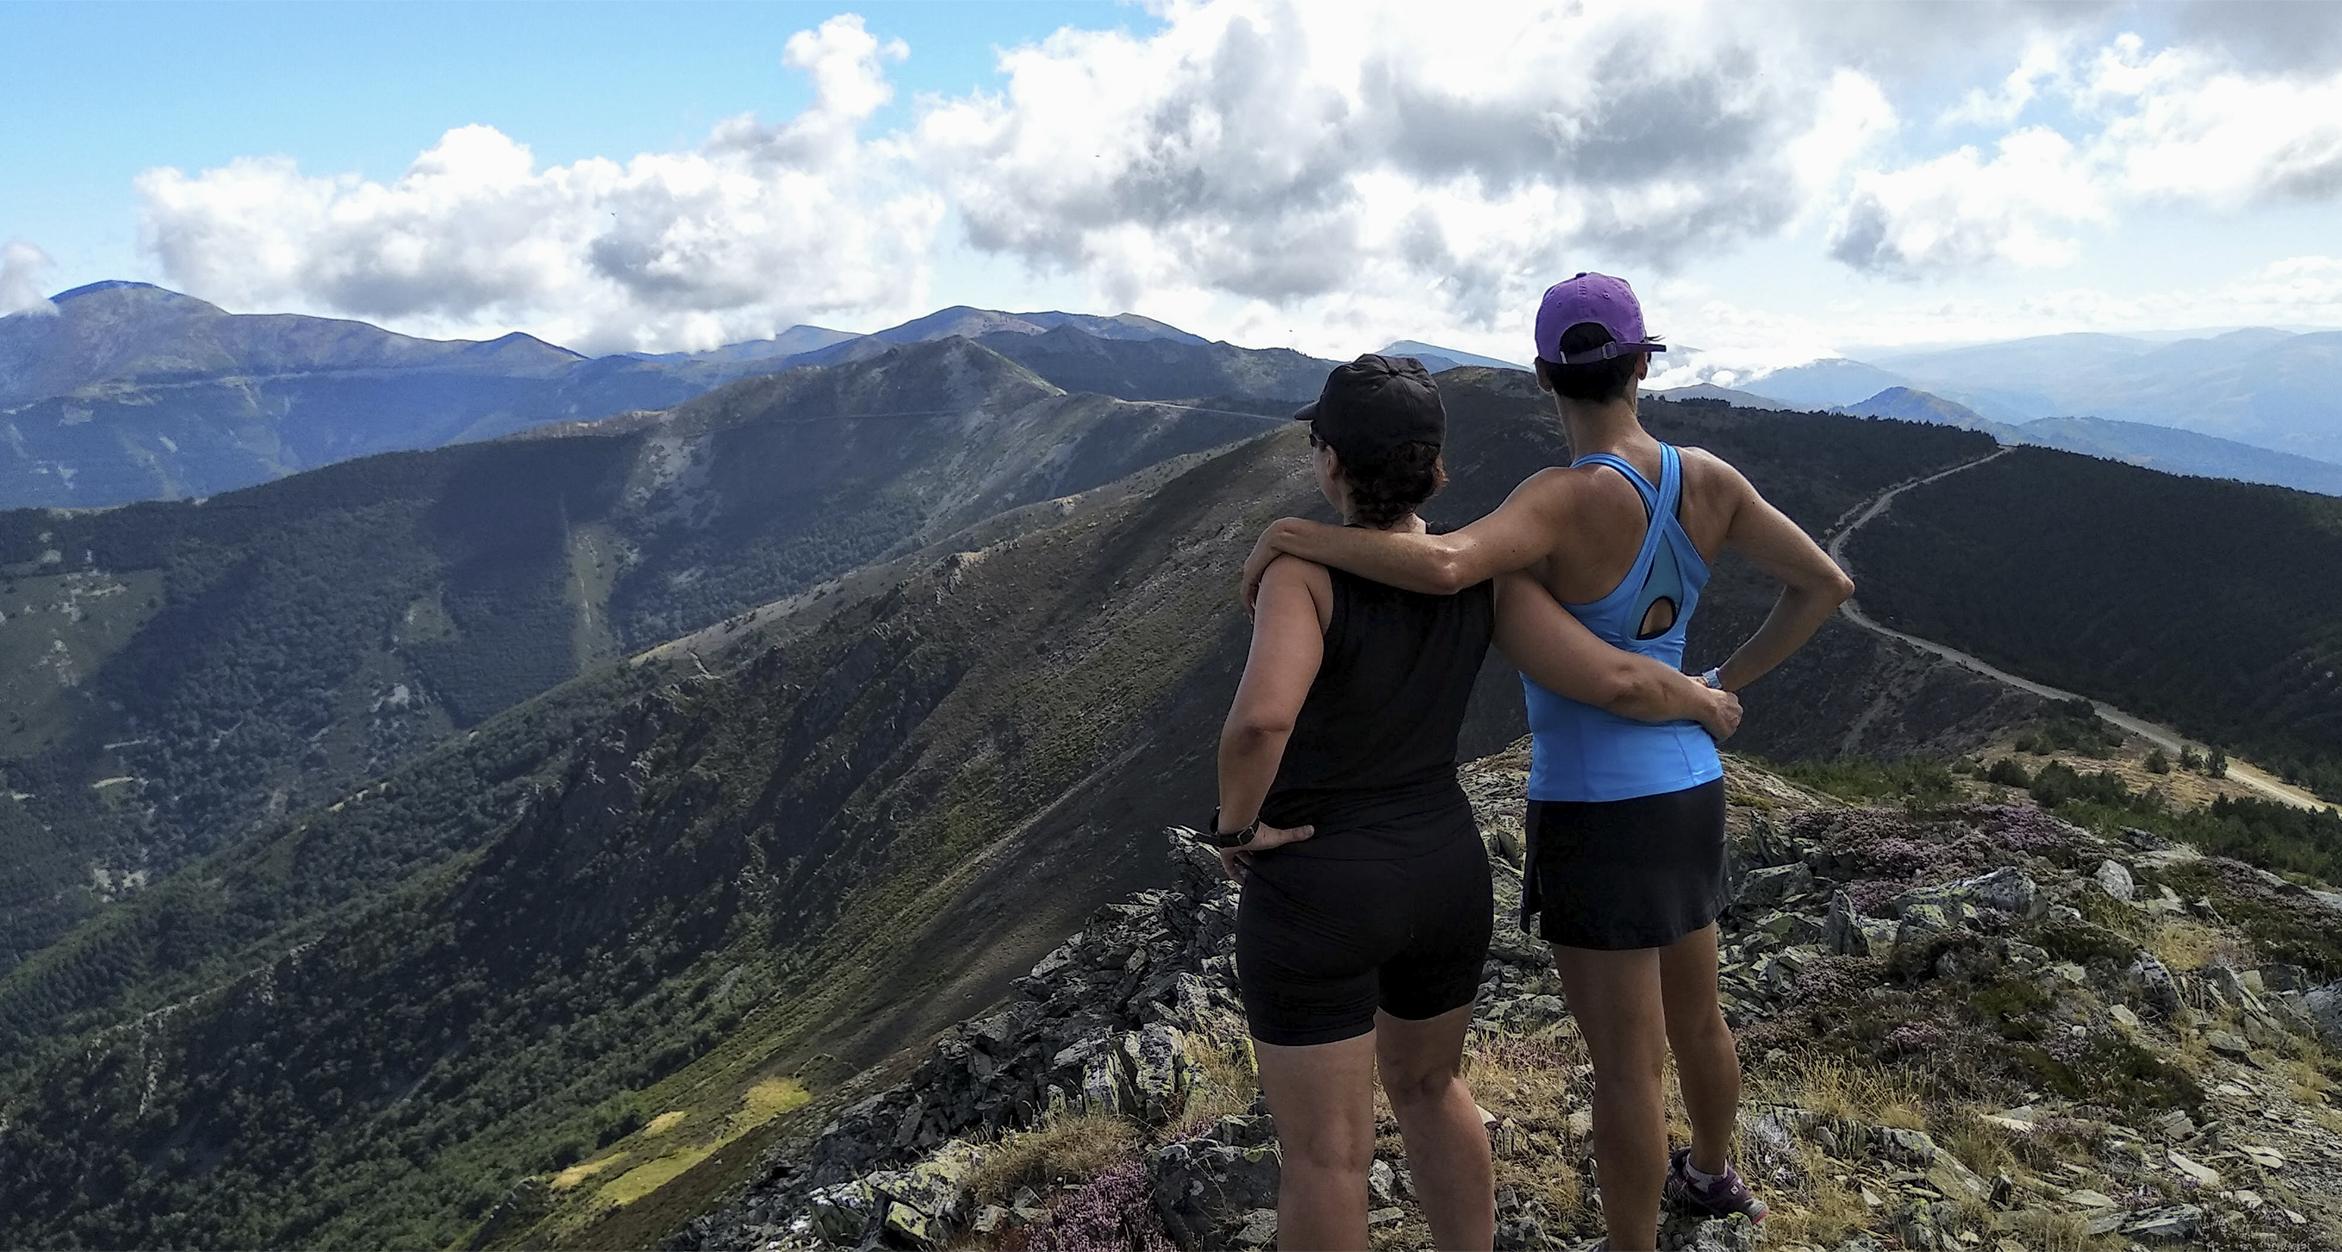 senderismo trekking la rioja - HIKKING AND TREKKING